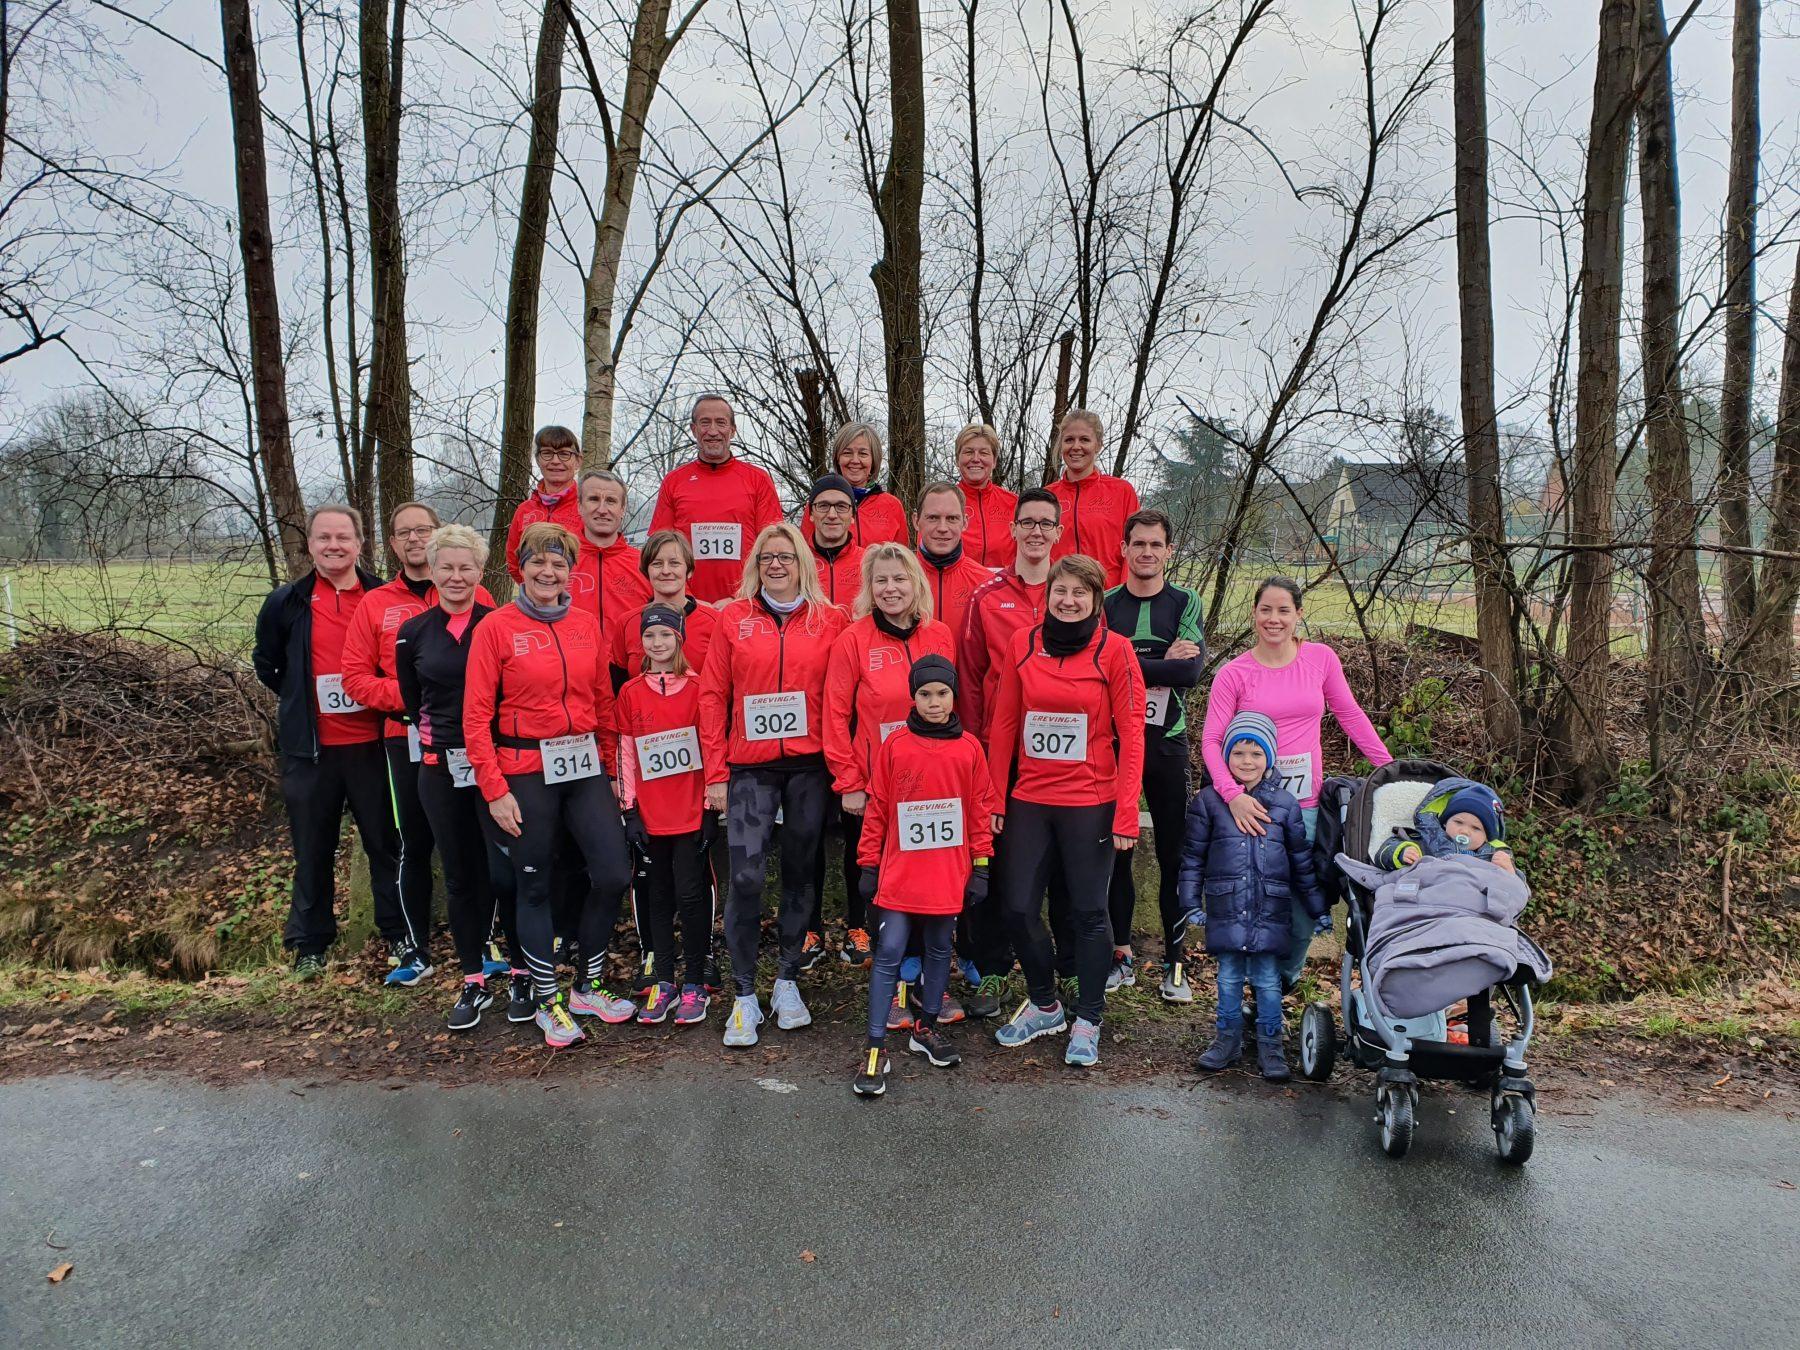 32. Altenrheiner Silvesterlauf 2019